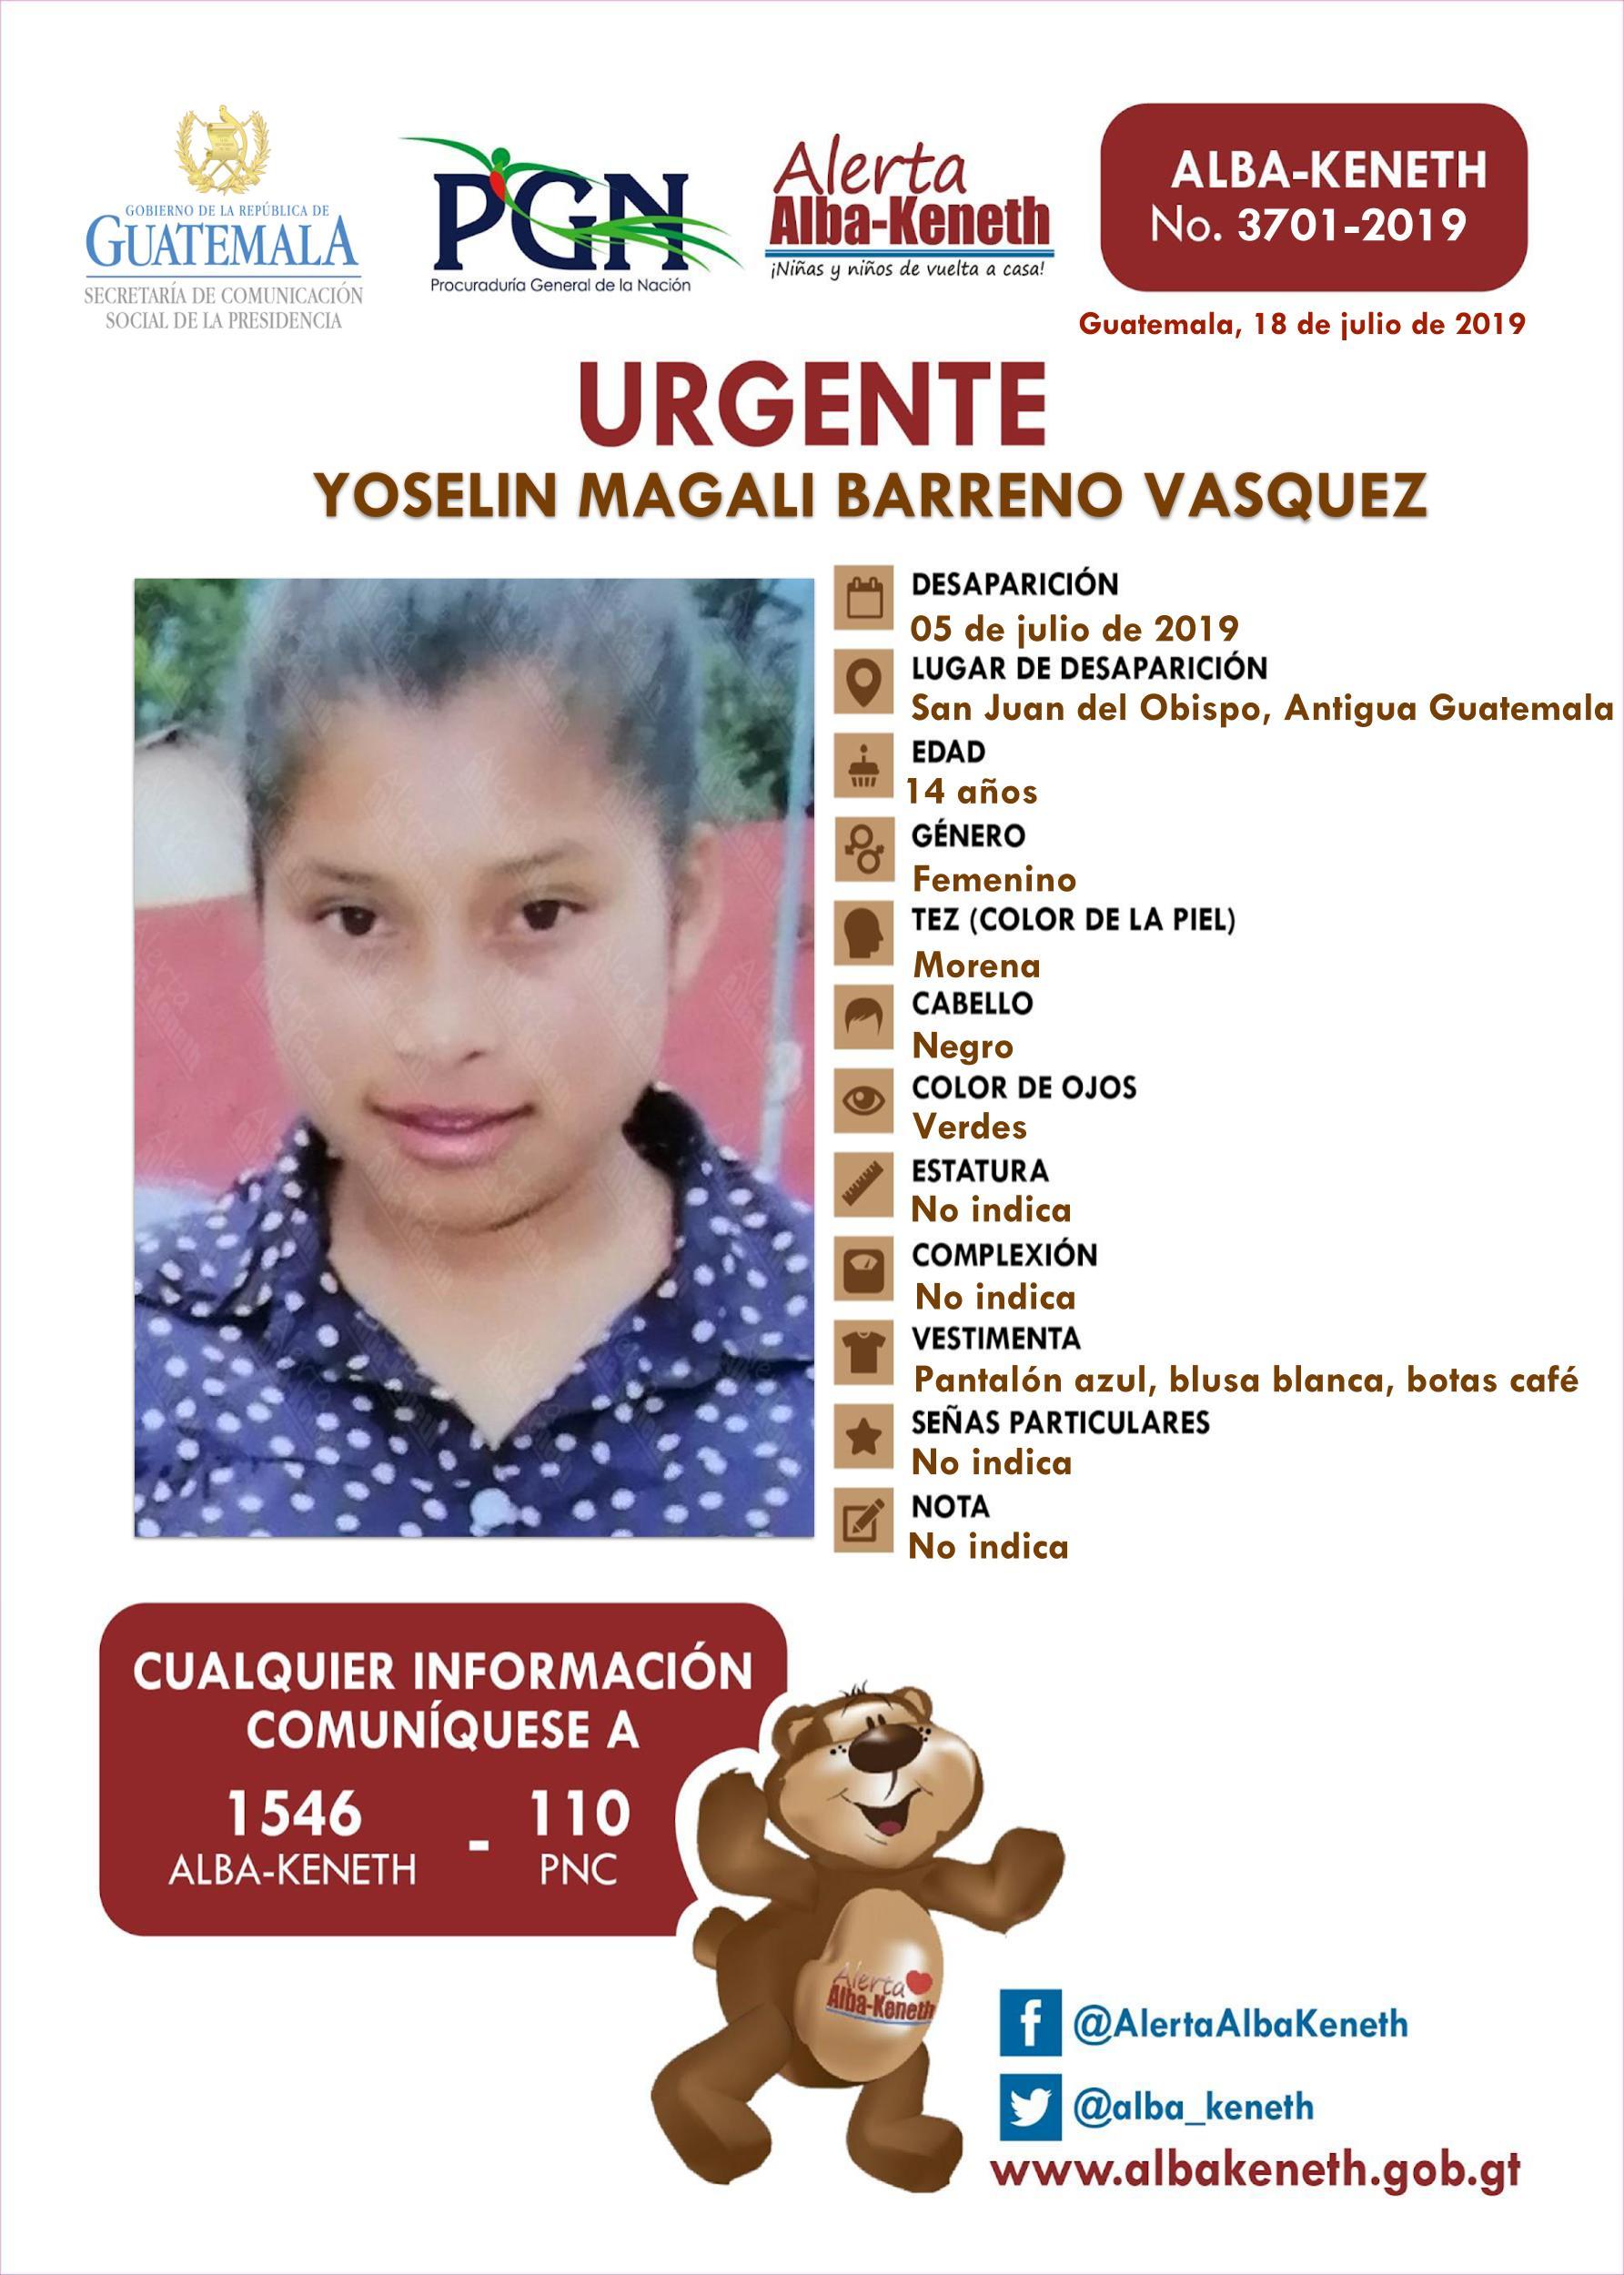 Yoselin Magali Barreno Vasquez